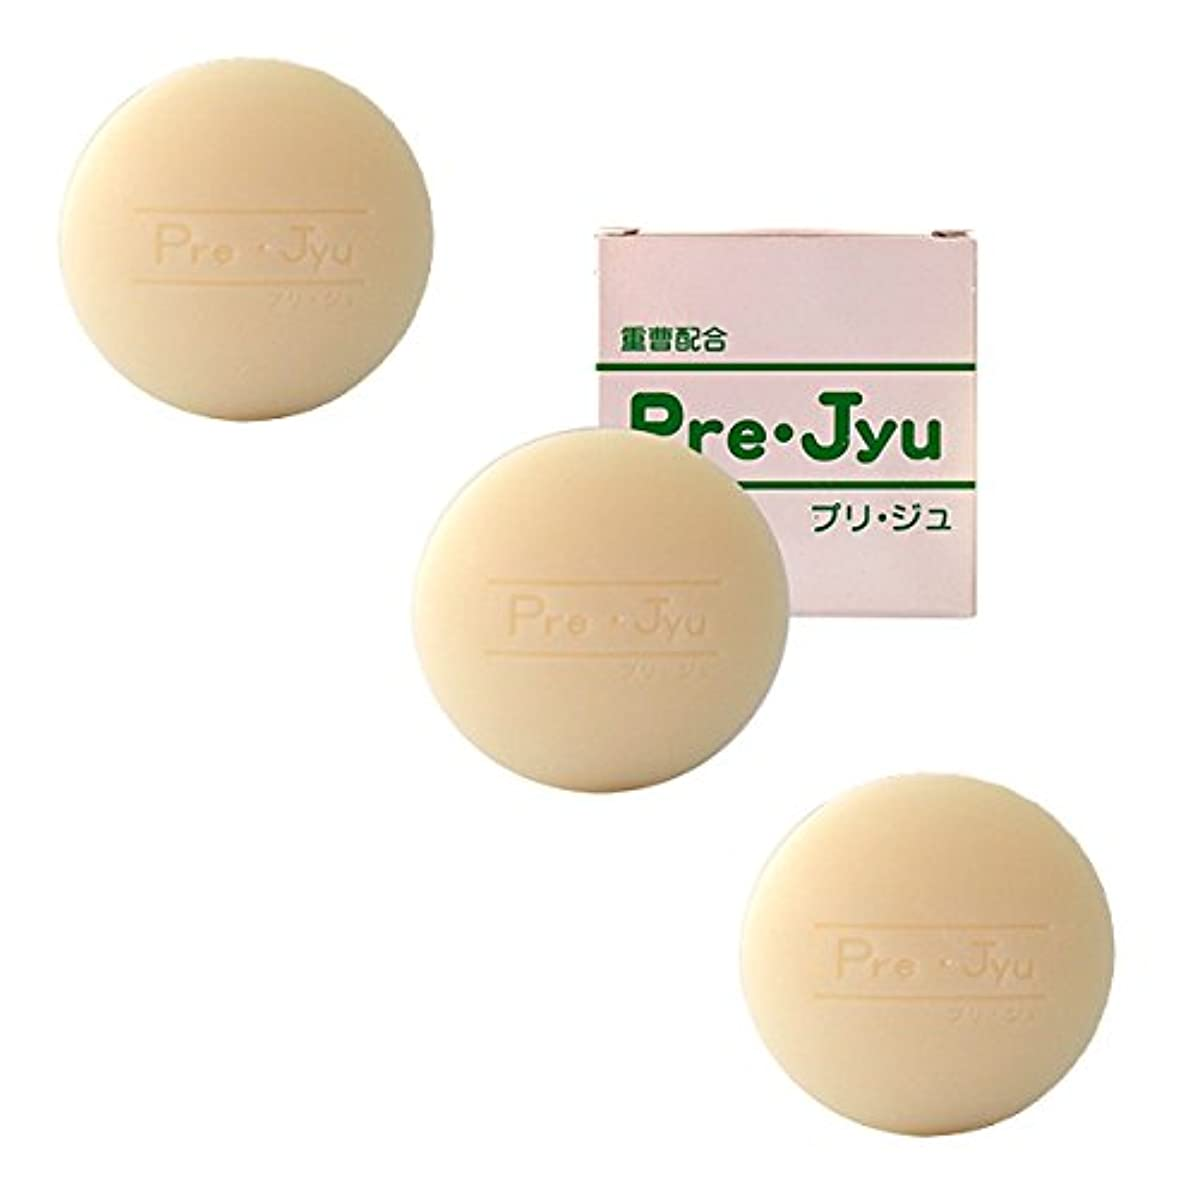 一心産業 プリ?ジュ石鹸(重曹石けん) × 3個セット